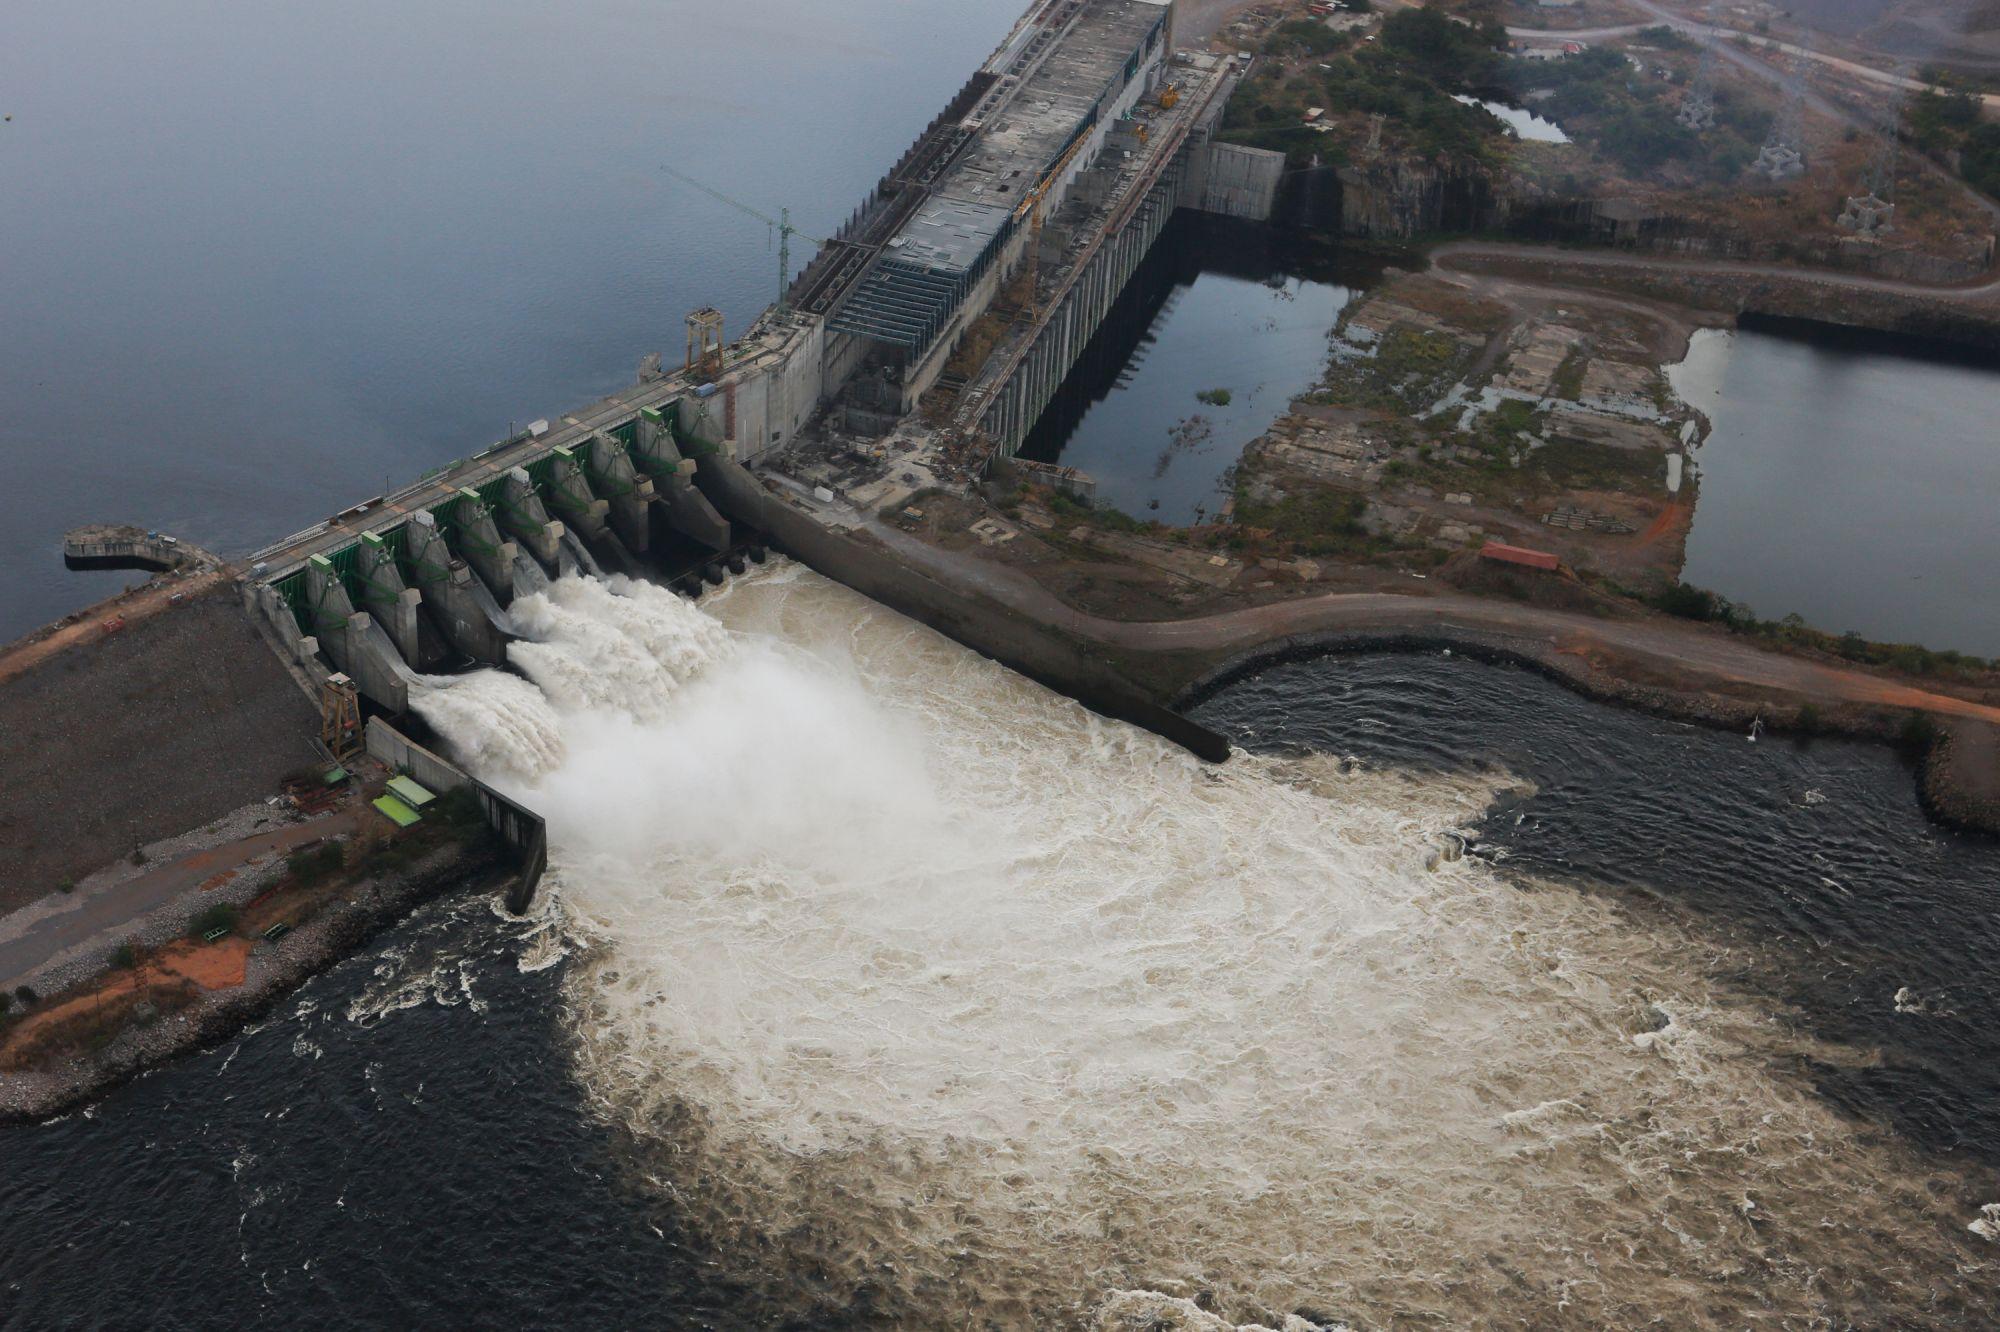 2019. Венесуэла. Цель: ГЭС. В 21 из 23 штатов Венесуэлы произошло массовое отключение электричества: вышла из строя гидроэлектростанция «Эль-гури». В столице Каракас была обесточена часть метрополитена, без света остался местный аэропорт